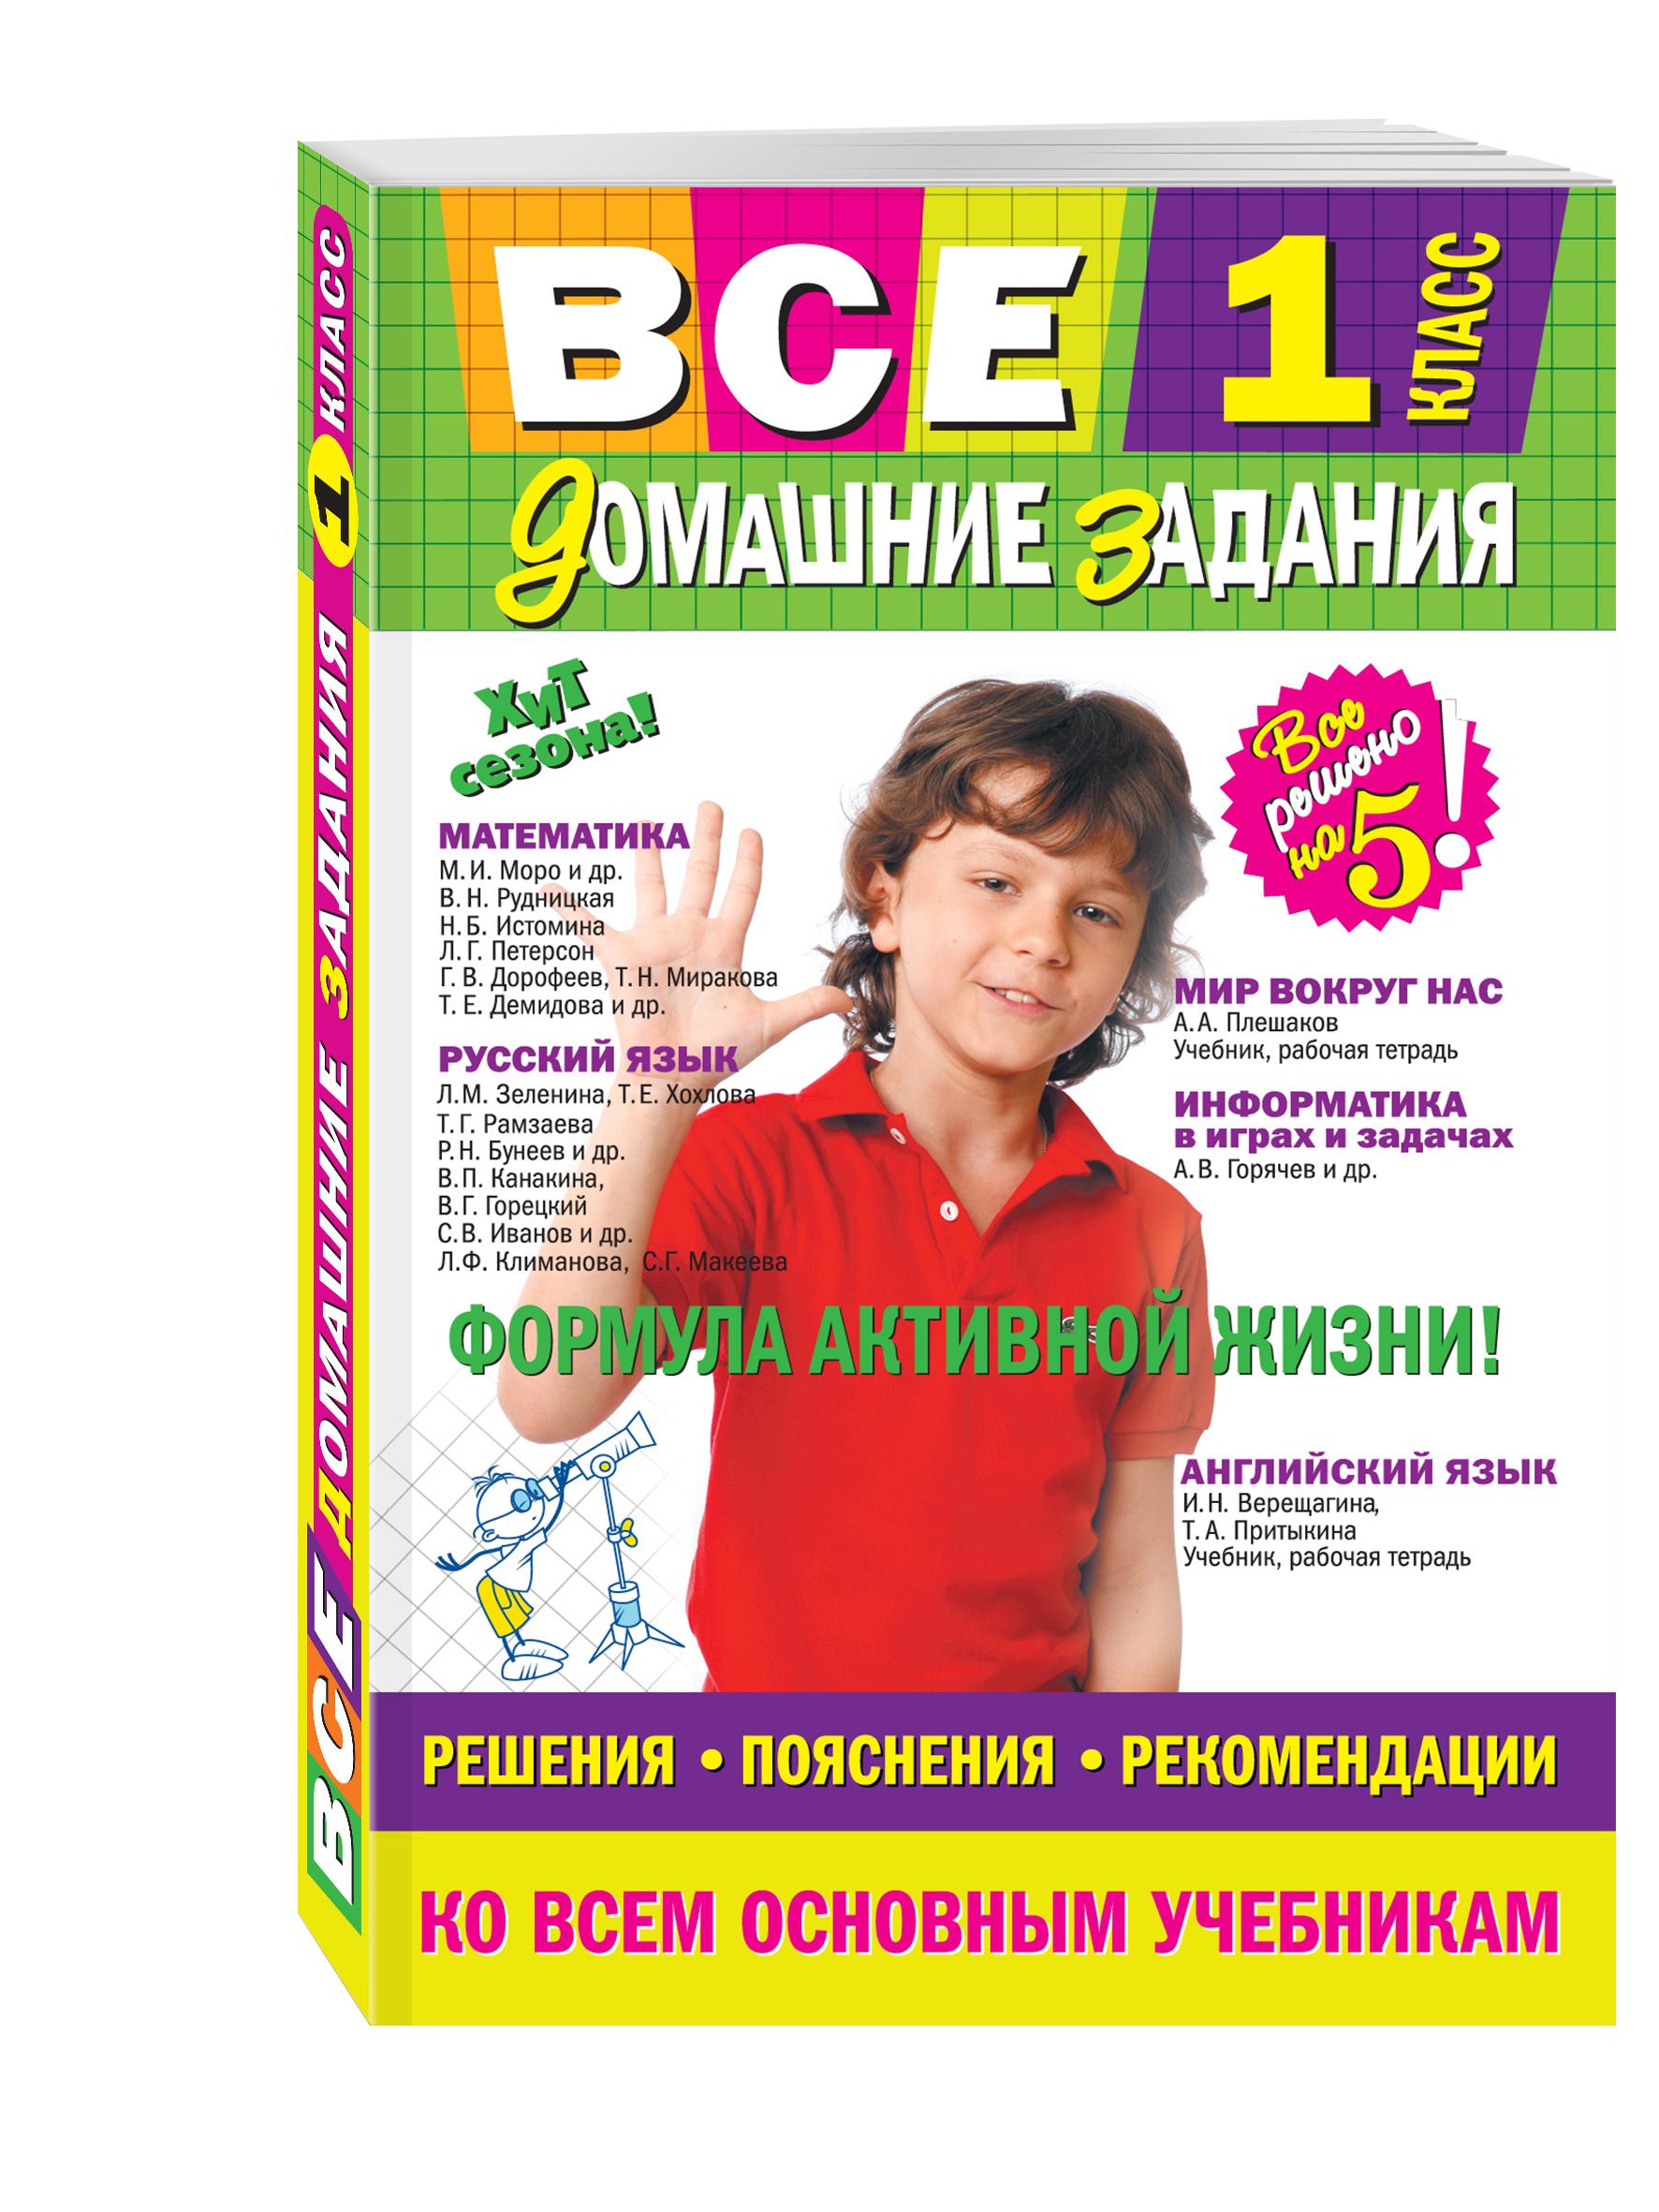 Все домашние задания: 1 класс: решения, пояснения, рекомендации